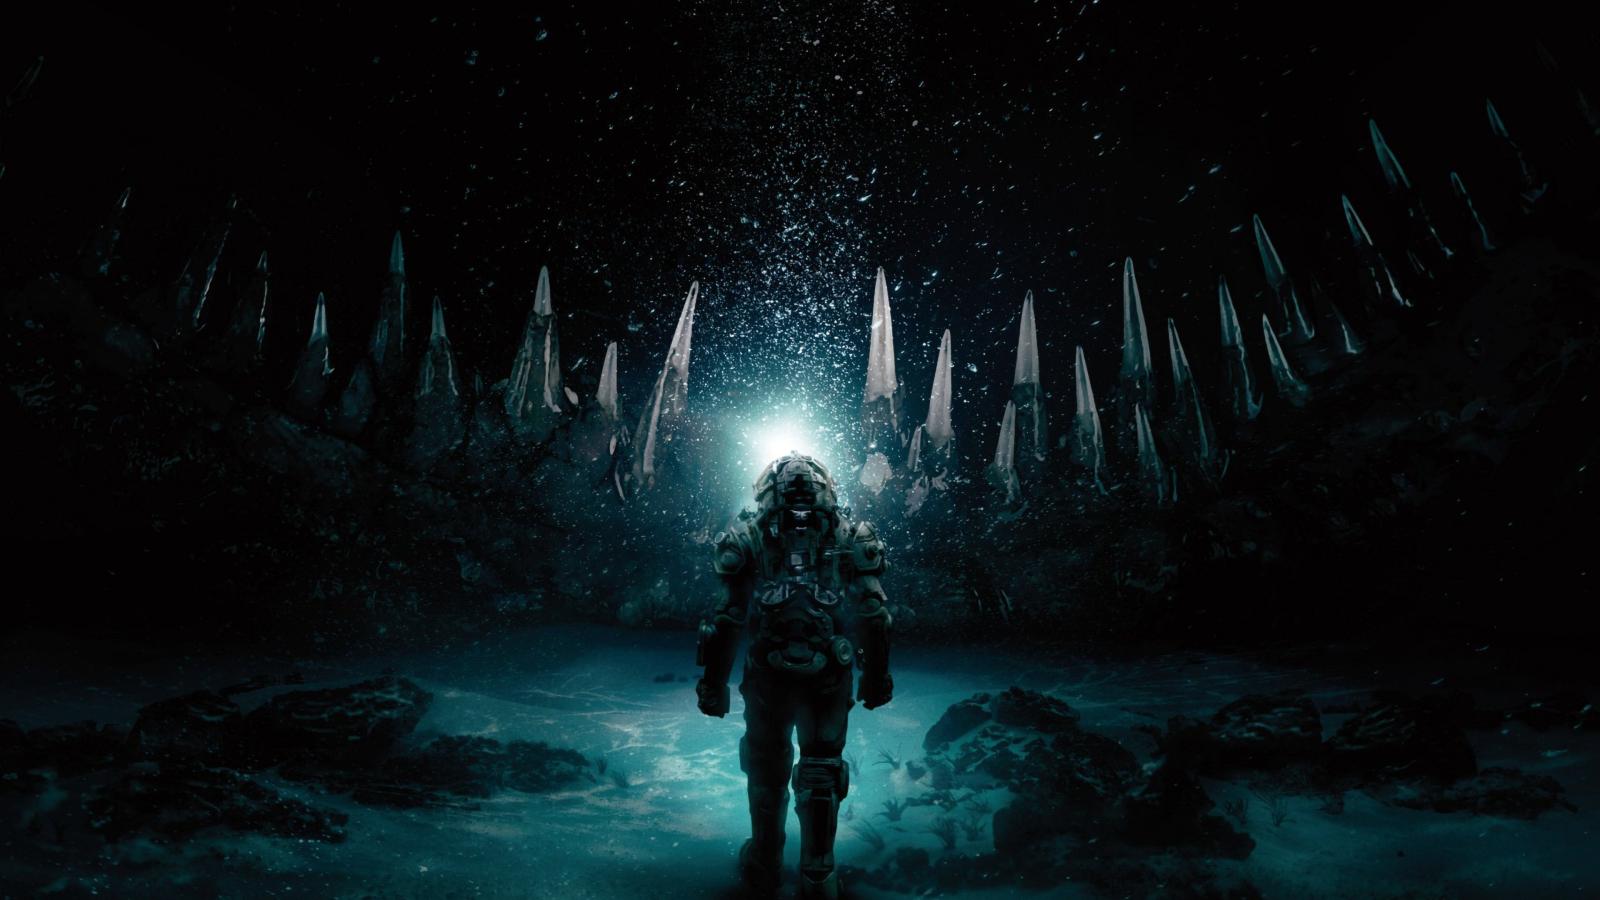 28 Underwater Movie Wallpapers On Wallpapersafari